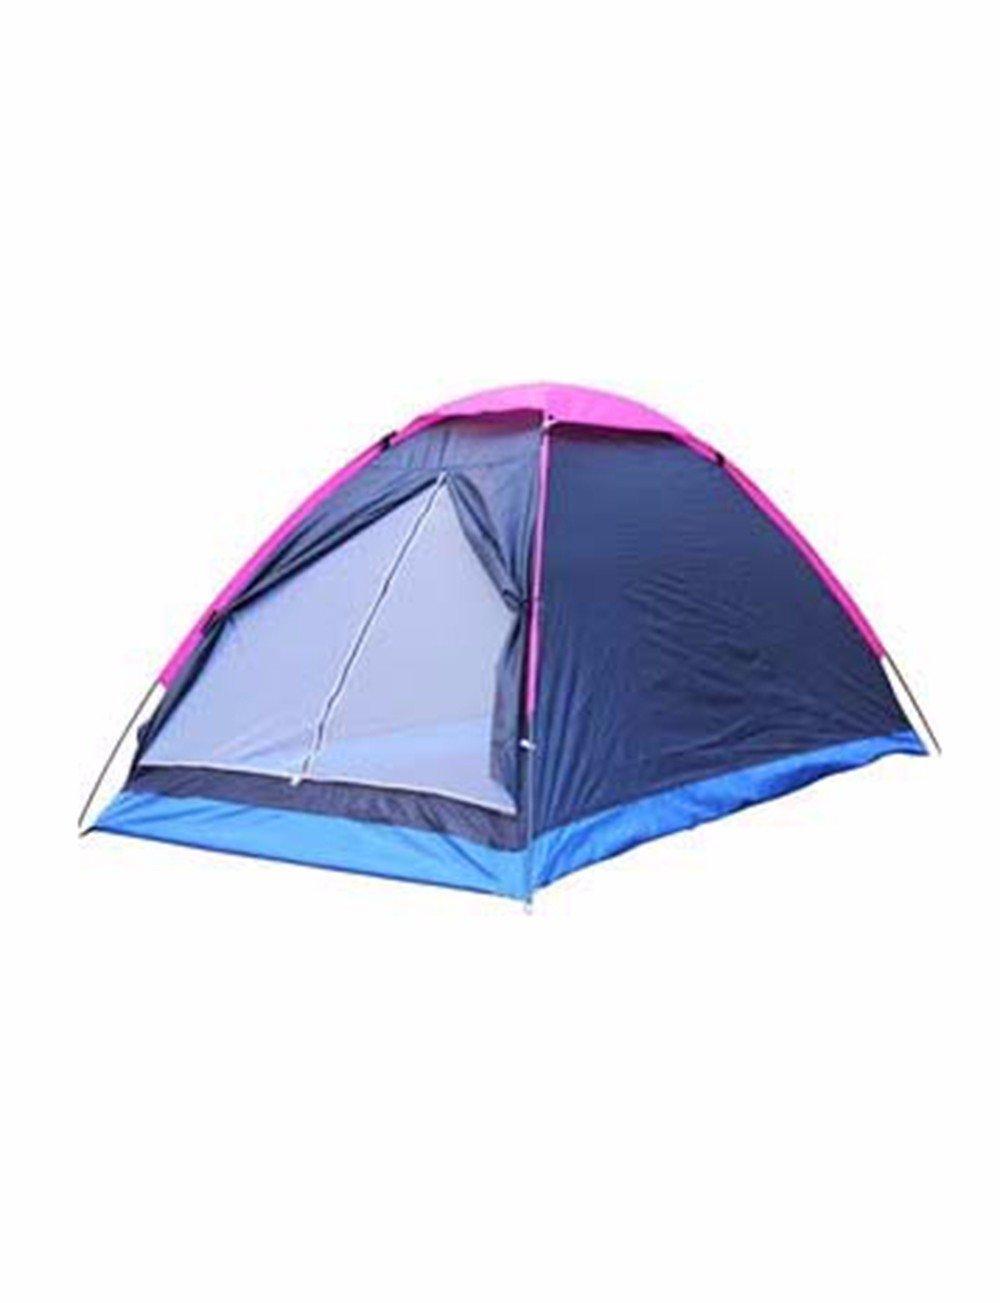 SJQKA-zelte, Zwei zelte, EIN 3-4 Personen, Camping, regenfeste zelte, 2 Personen, Winddicht, wasserdicht, superleichte Camping,c